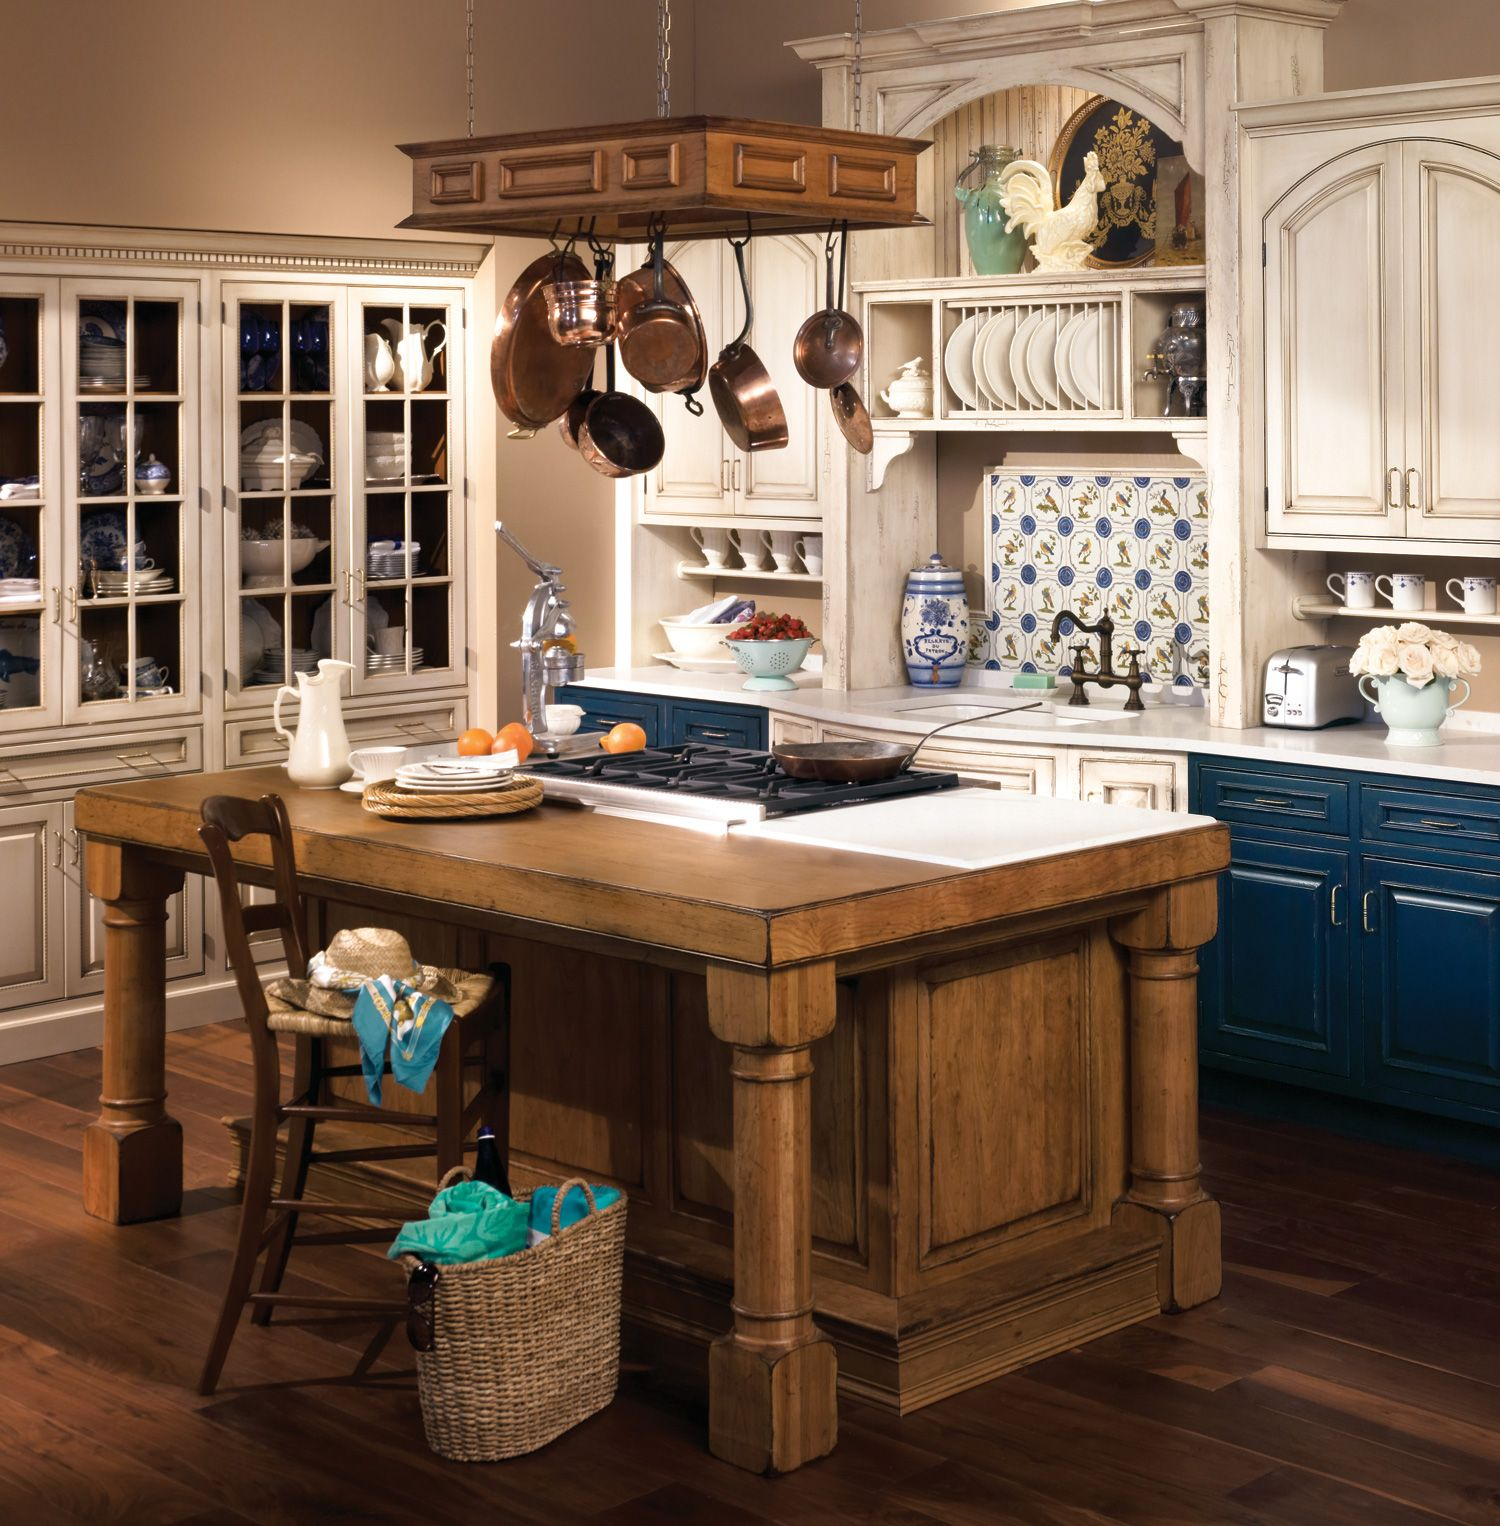 Calmadorable Franzosisch Land Kuche Design Inspiring Home Design Familie Mit Bildern Kuche Renovieren Landkuchendesign Kuchen Renovieren Ideen